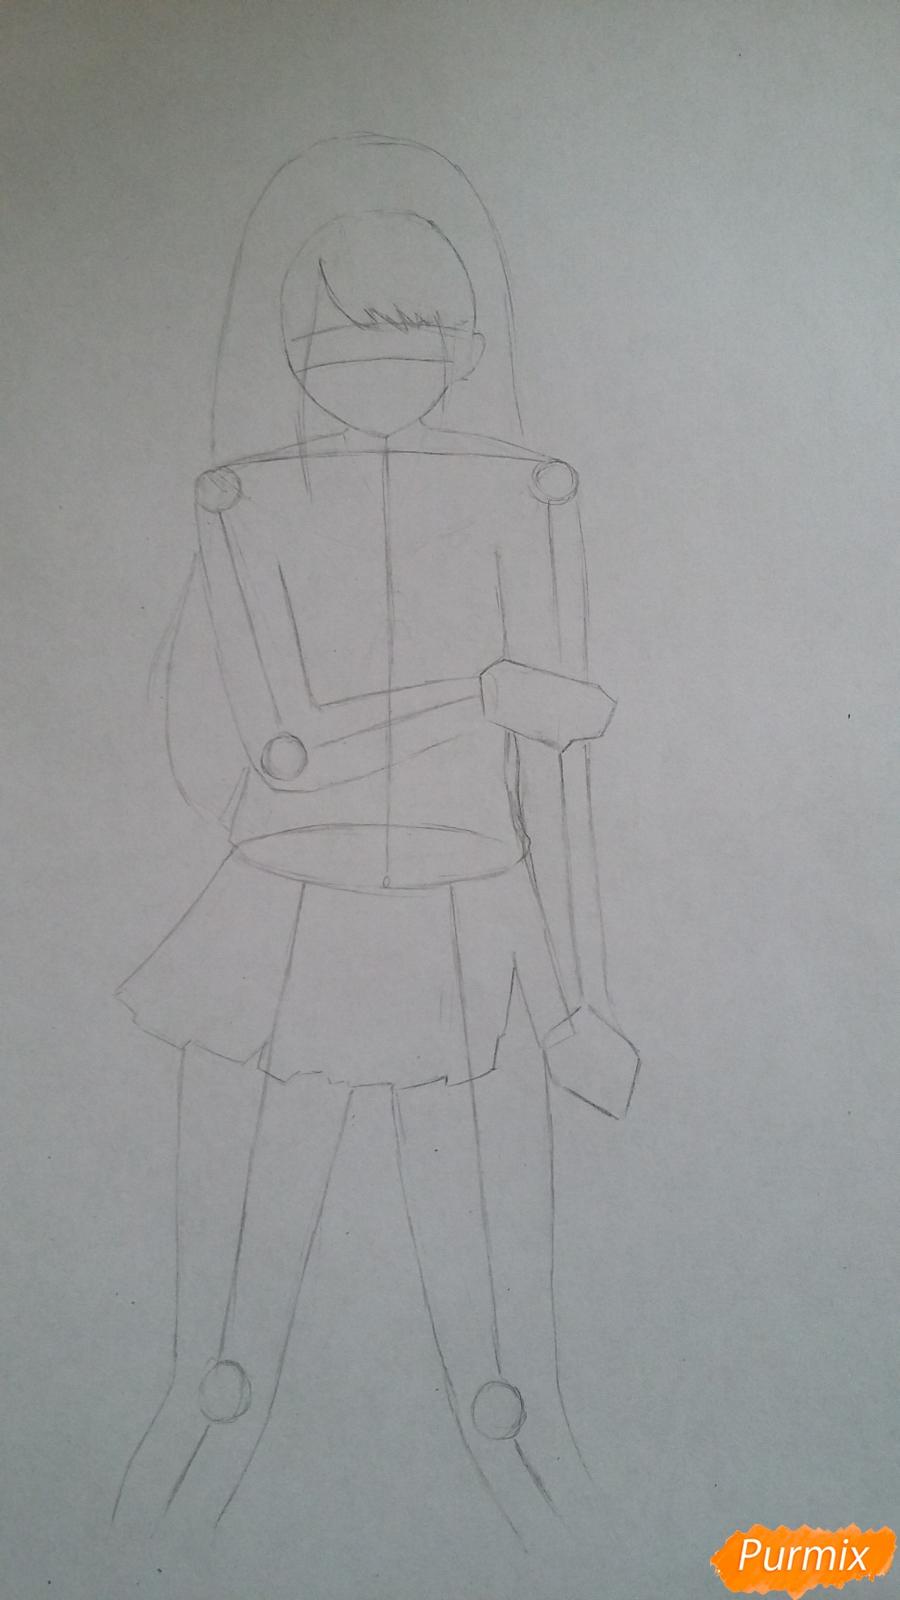 Рисуем девушку с катаной в аниме стиле - шаг 2